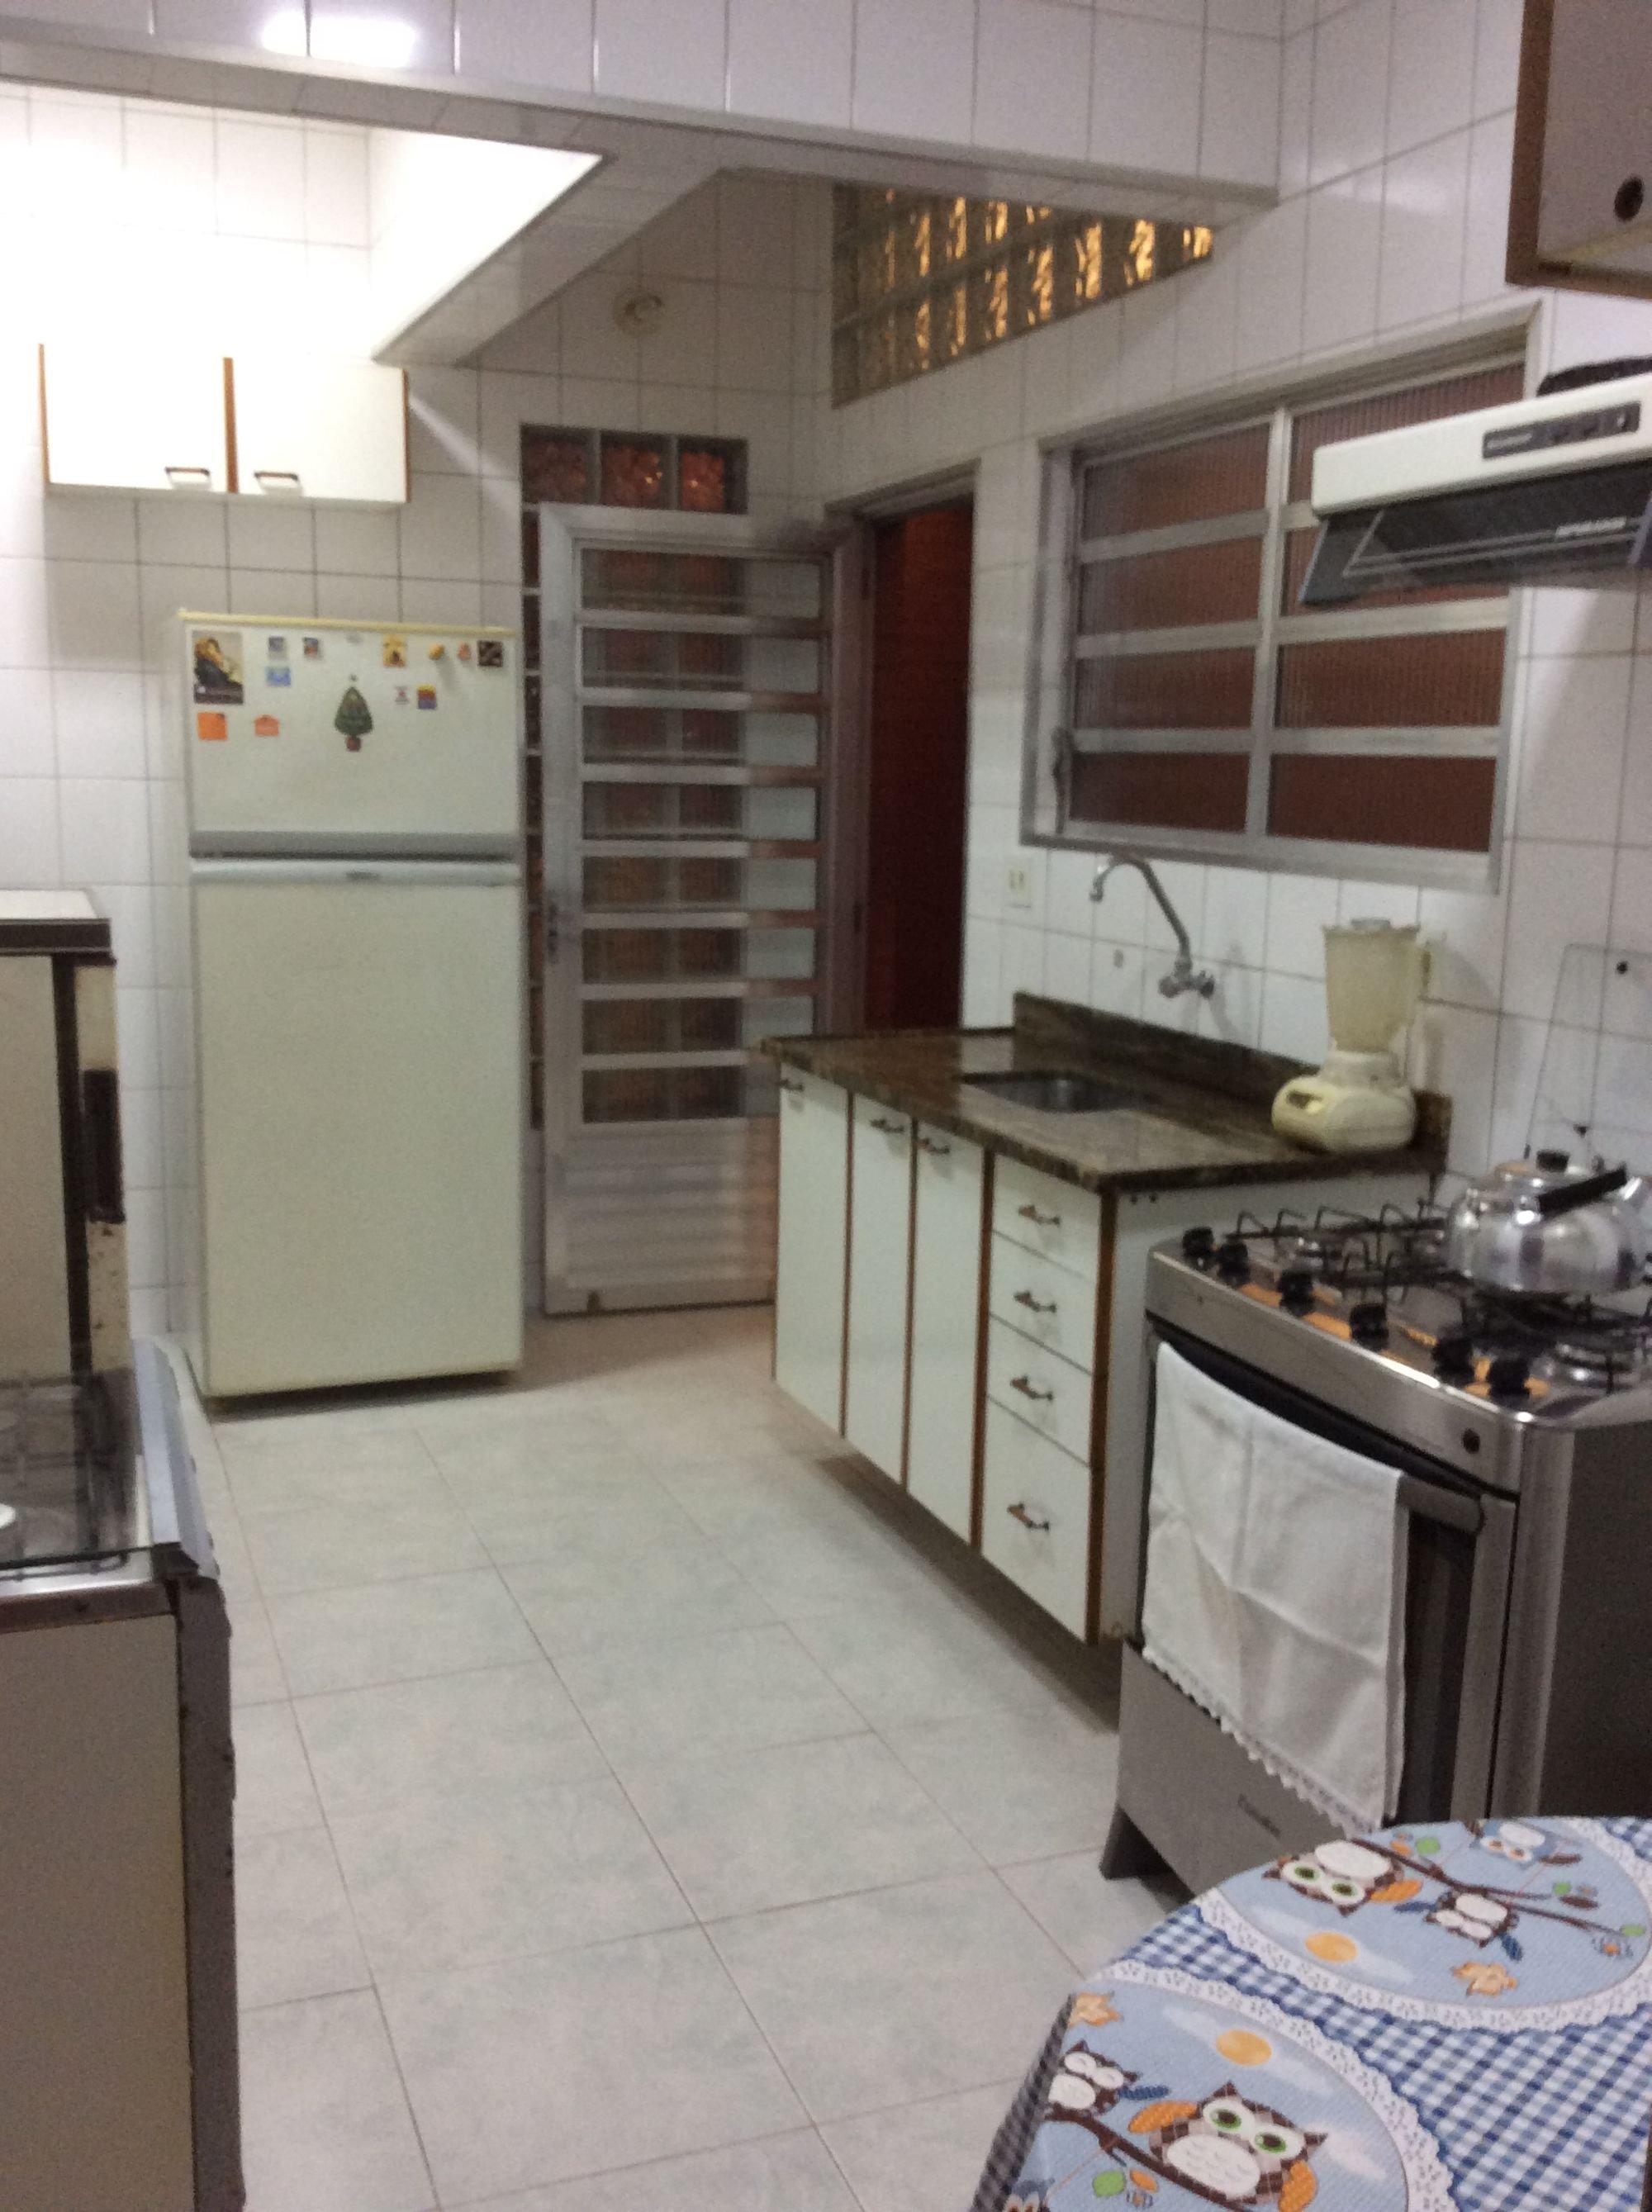 Foto de Cozinha com forno, geladeira, mesa de jantar